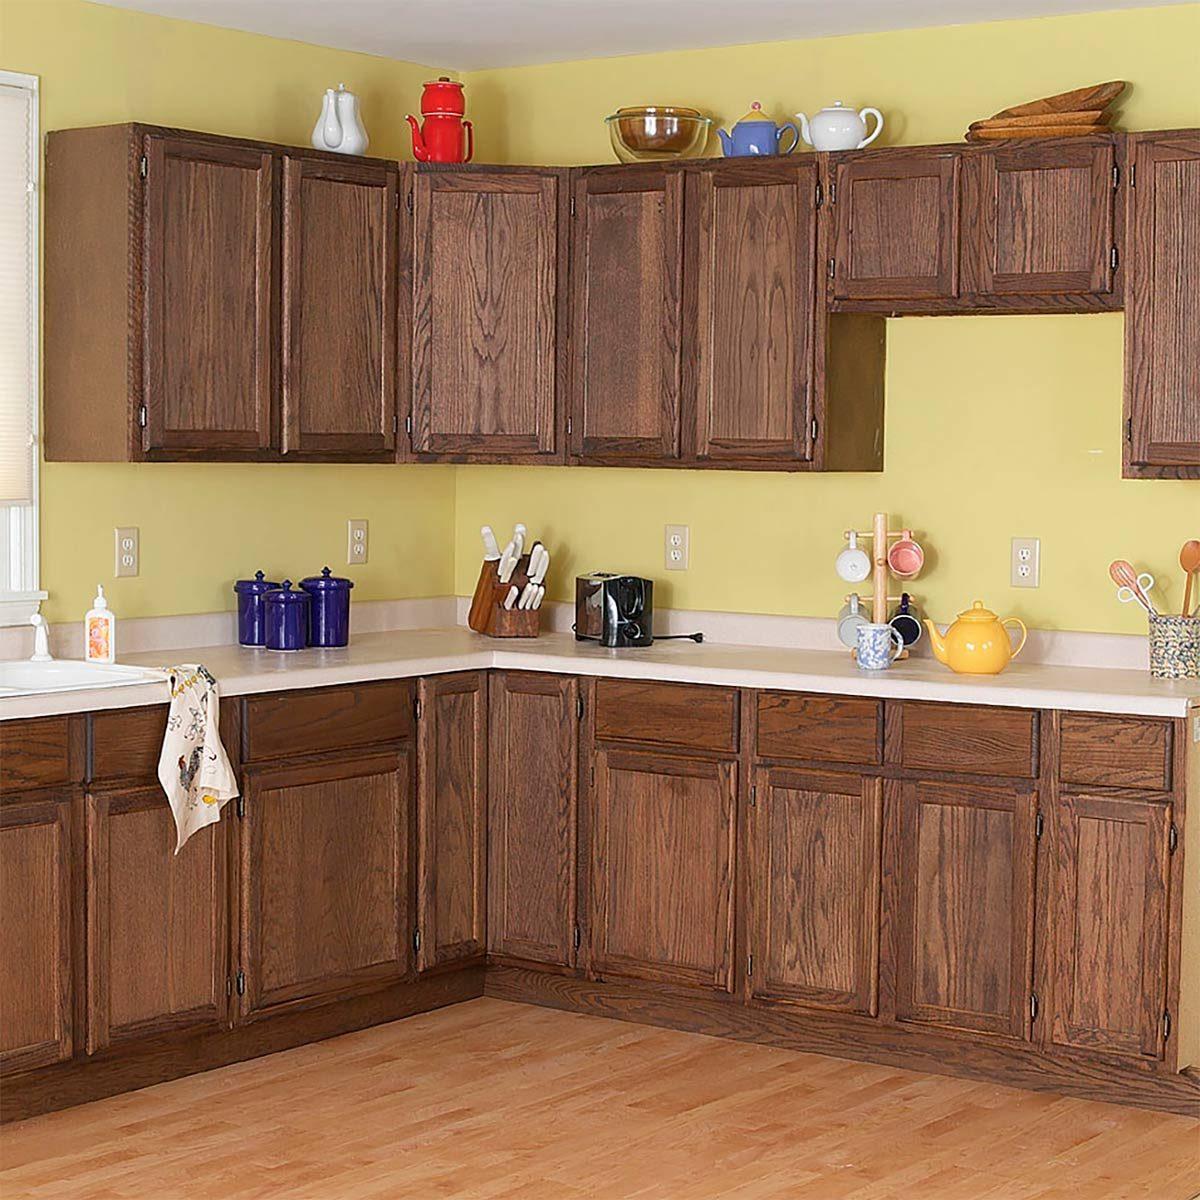 cabinet facelift